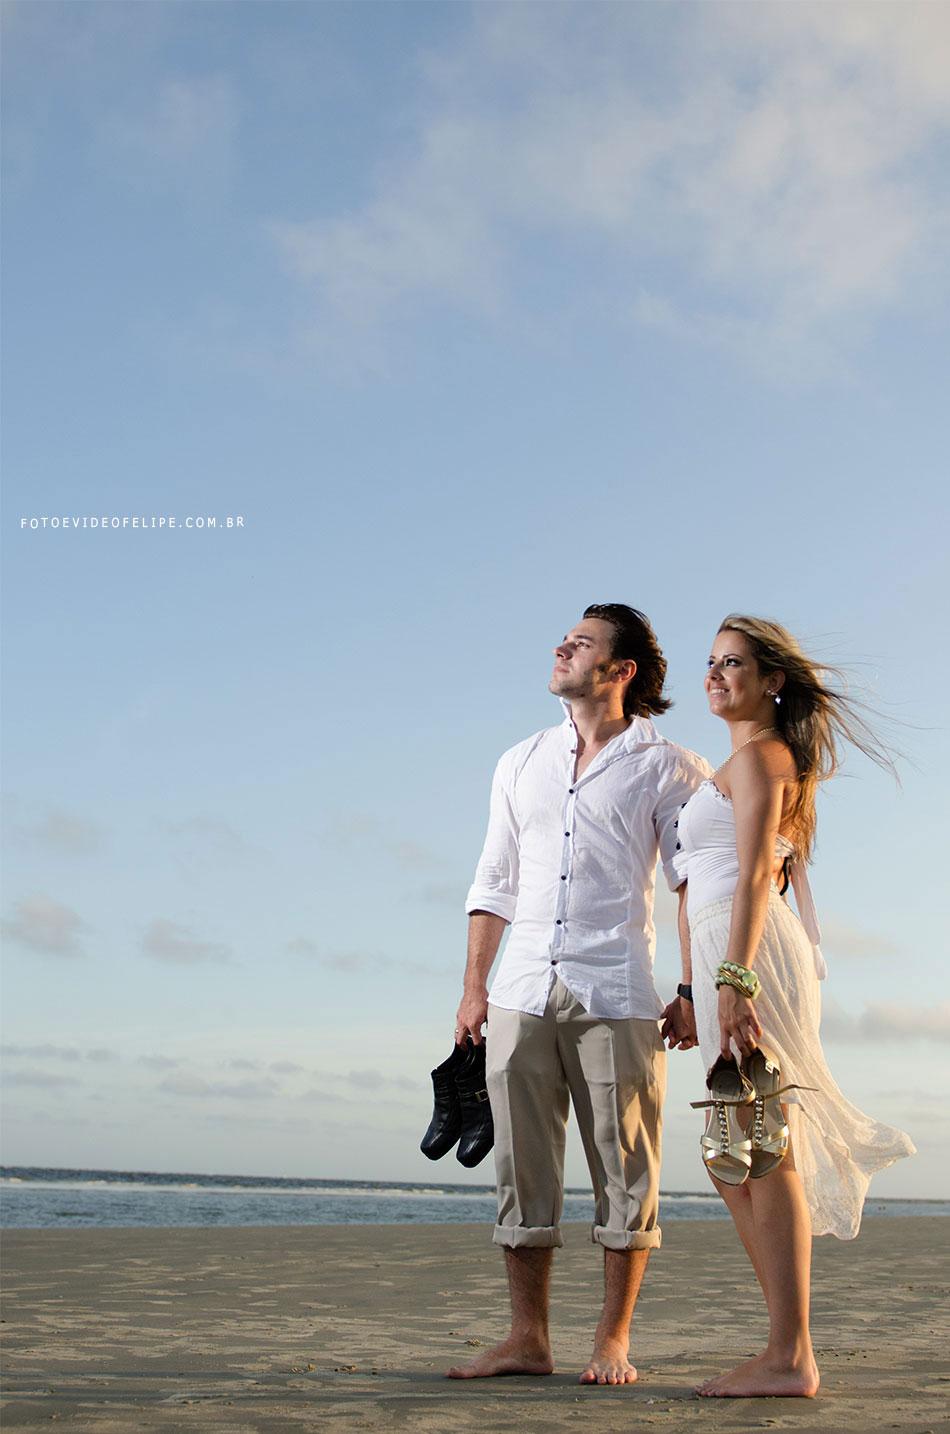 ensaio casal praia  Blog Felipe Roehe  Fotografo curitiba